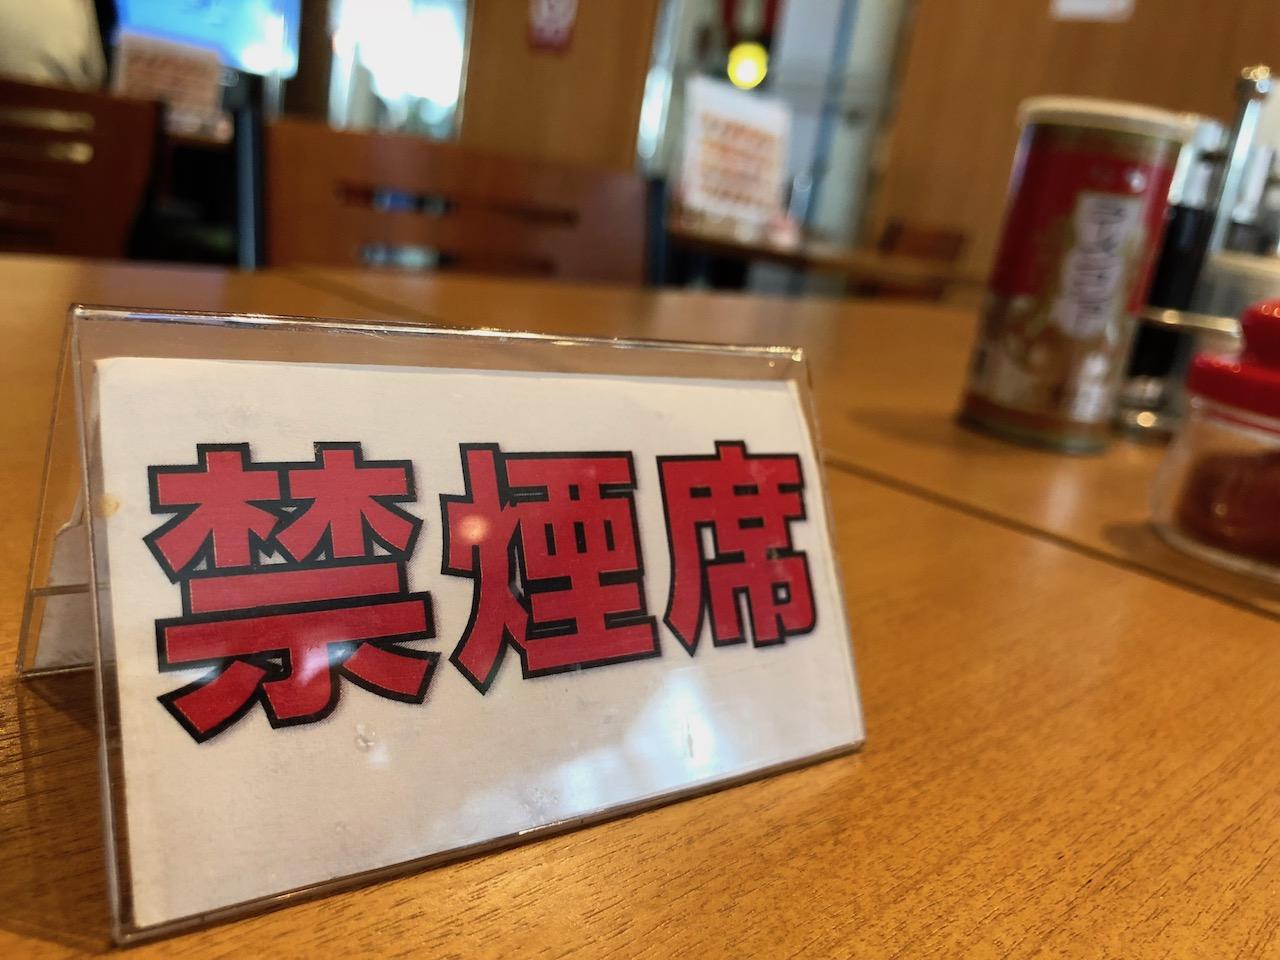 キター!ワンコインランチ!ボートピア姫路のレストランピアこそランチ難民を救う最後の手段なのかも!?